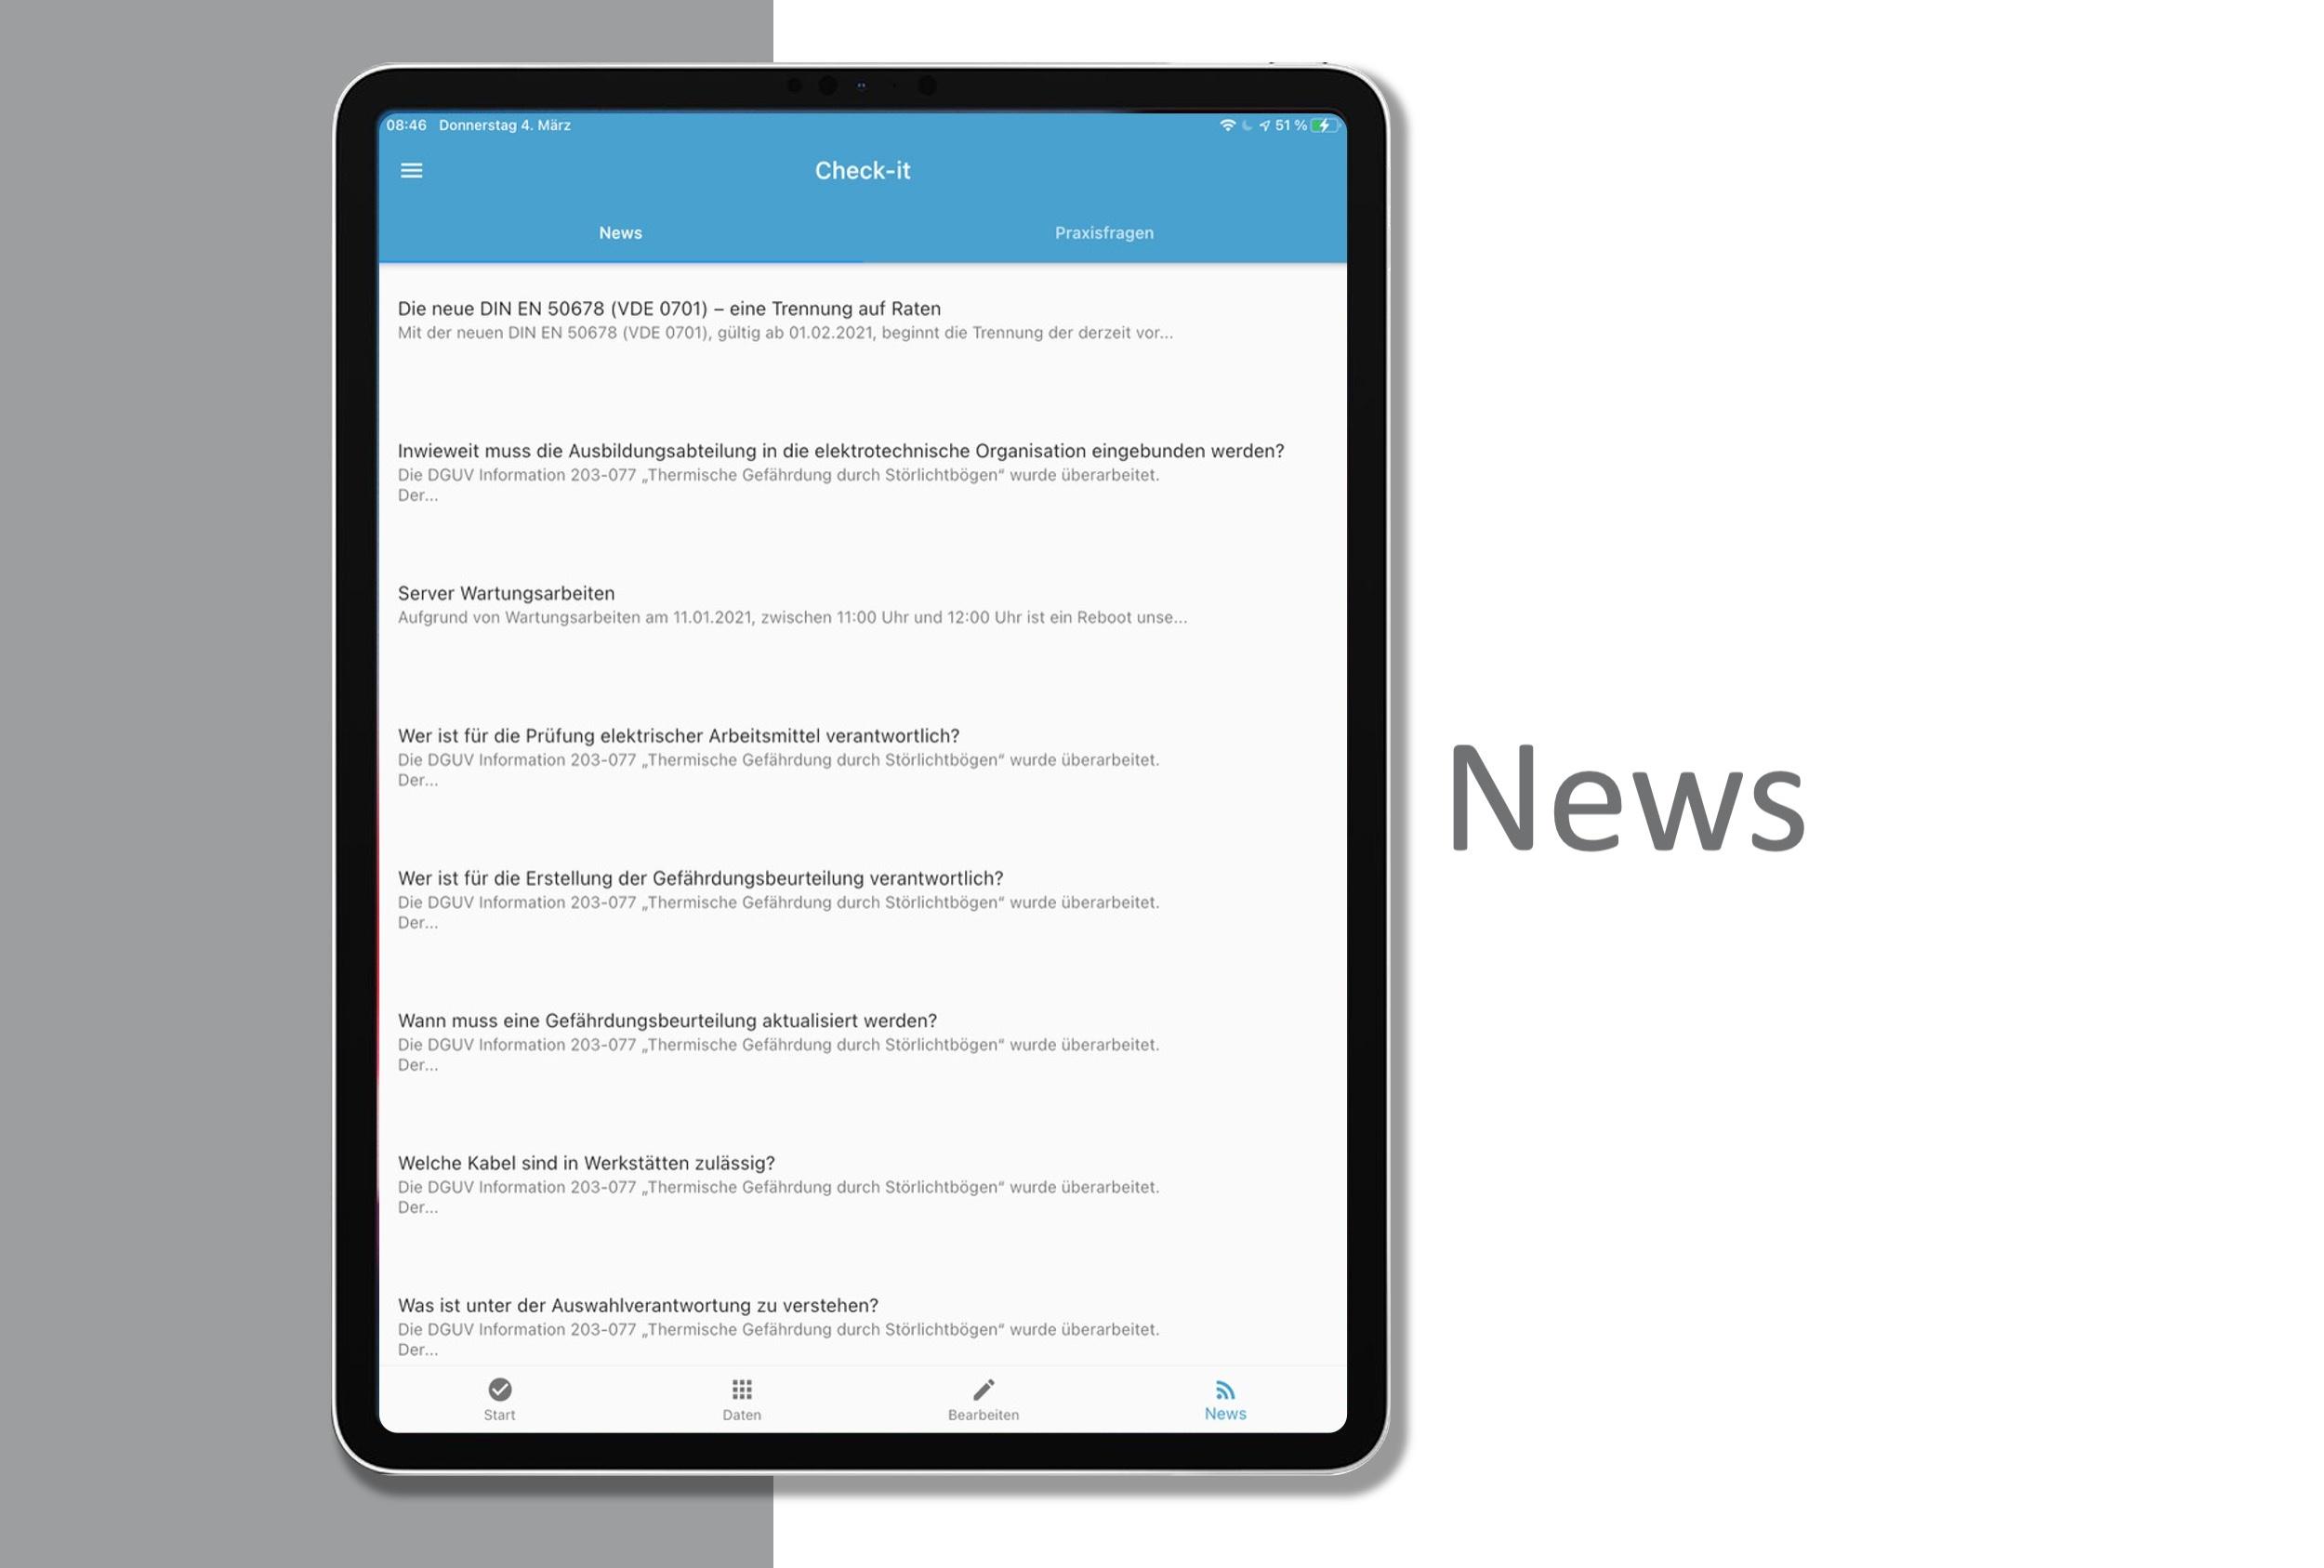 Die App kann 2 verschiedenen RSS-Feeds einlesen.